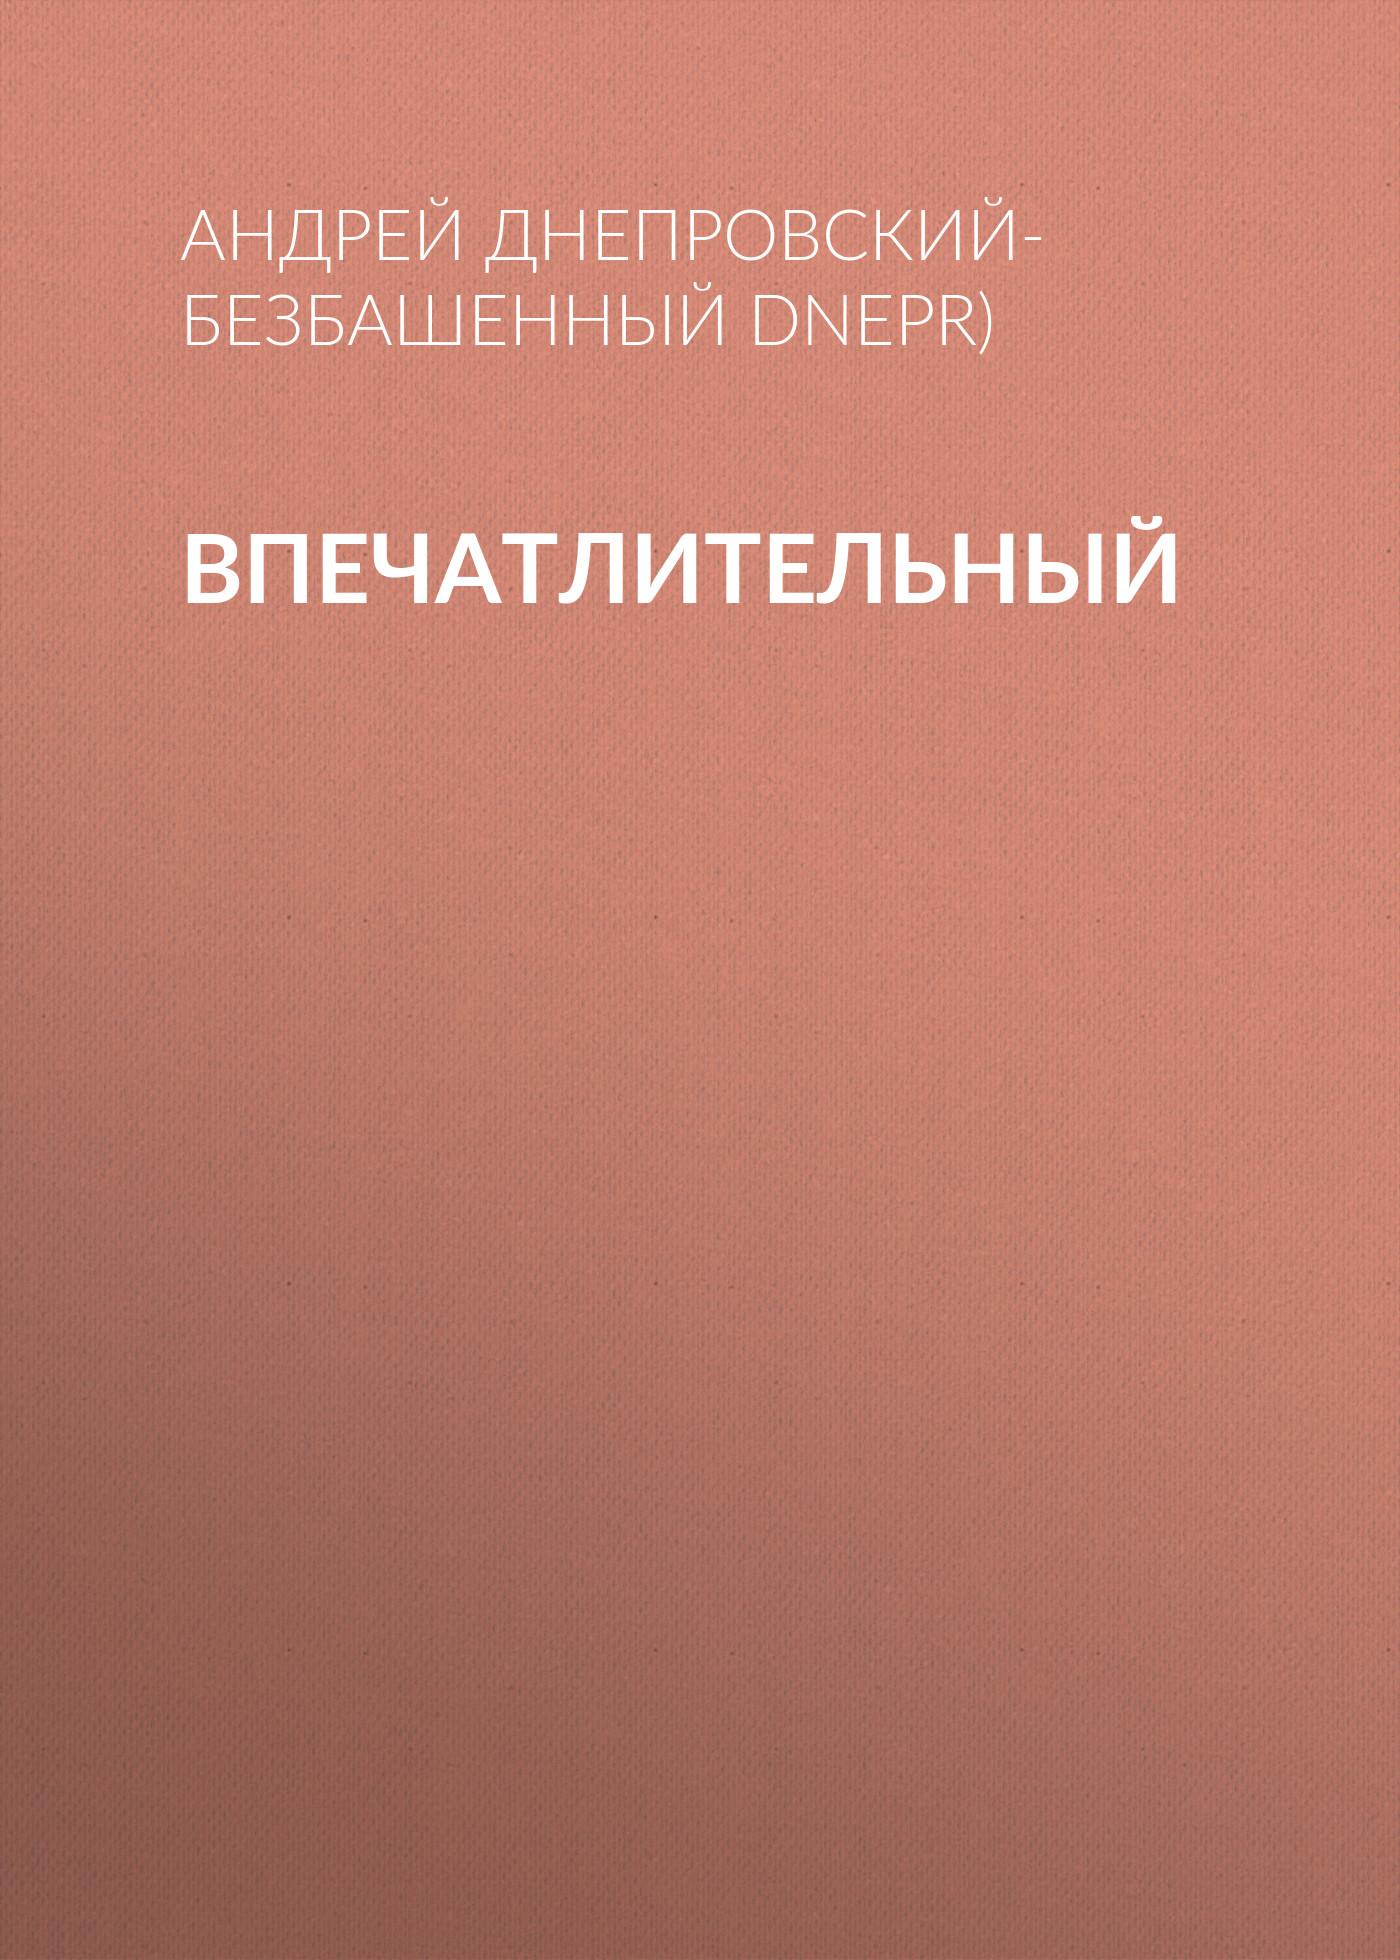 Андрей Днепровский-Безбашенный (A.DNEPR) Впечатлительный цена